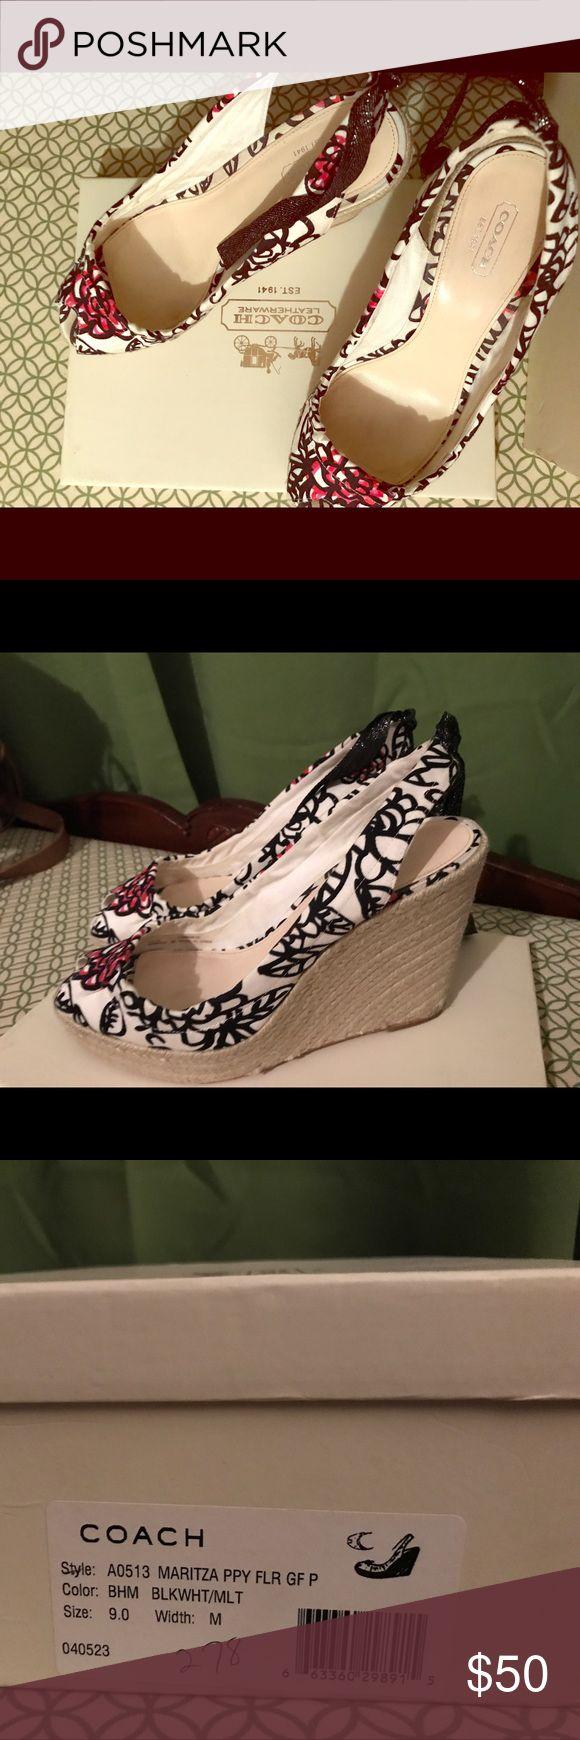 Coach size 9 poppy floral wedge Coach size 9 poppy floral wedge Coach Shoes Wedges